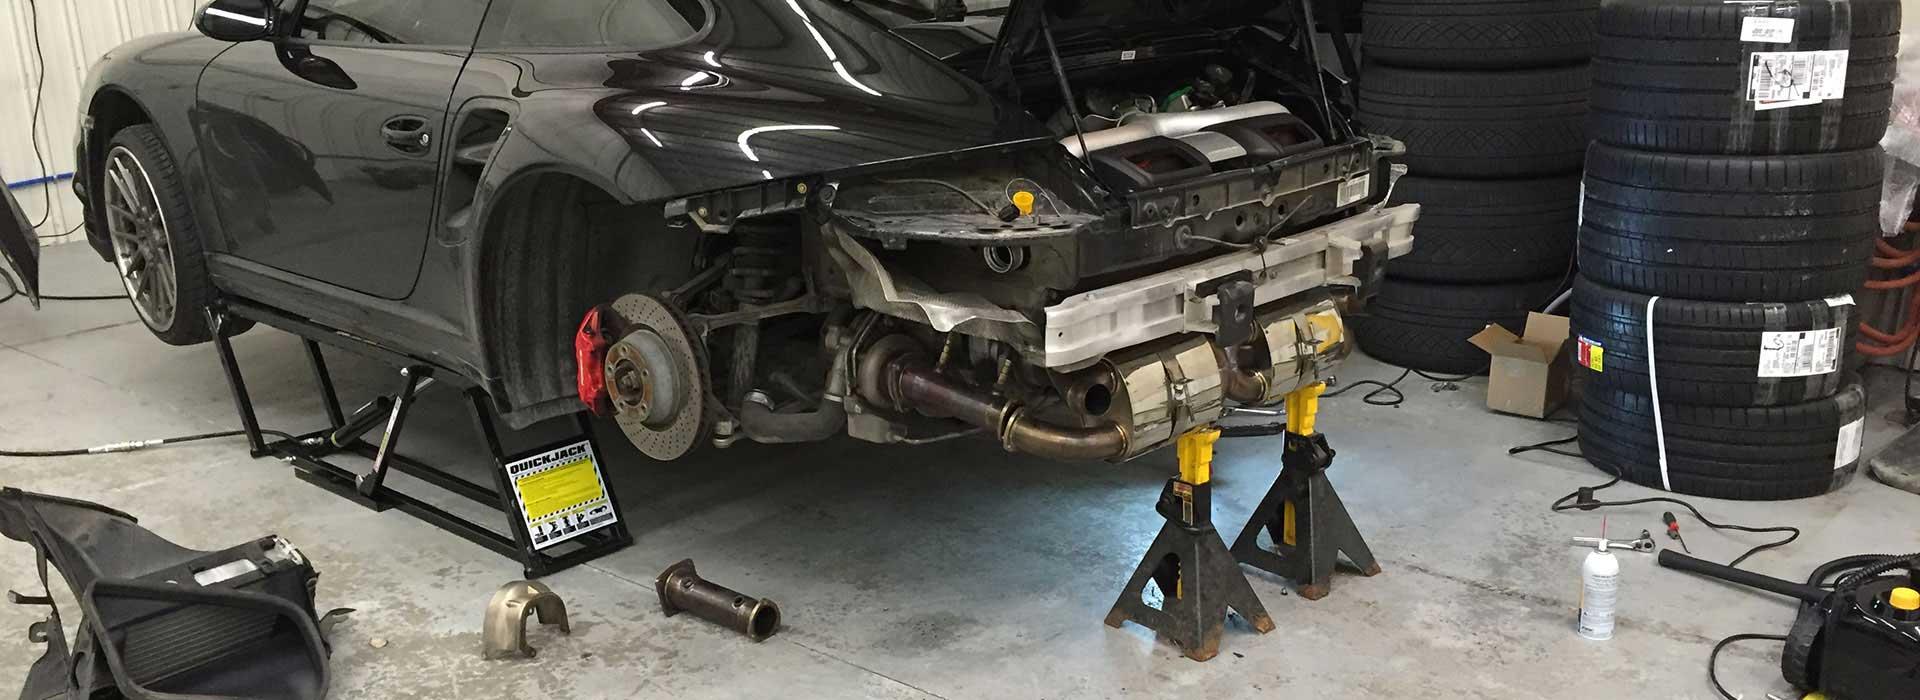 Quickjack car jacking system